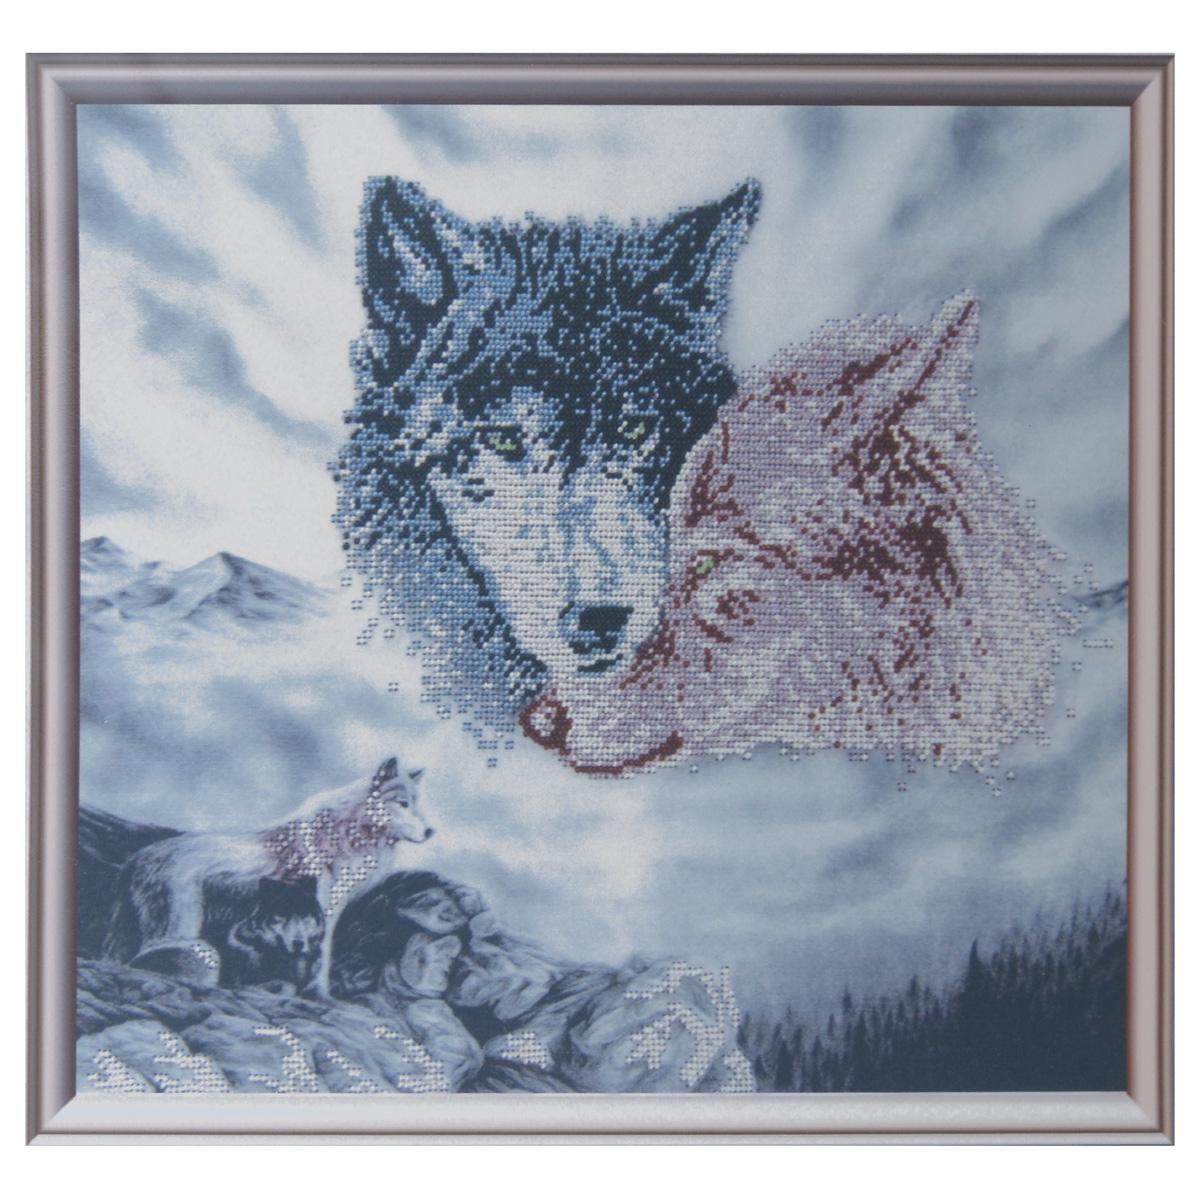 Набор для вышивания бисером Astrea Воспоминания волчицы, 40 х 34 см7713563Набор для вышивания бисером Astrea Воспоминания волчицы поможет вам создать свой собственный шедевр - красивую картину, частично вышитую бисером по цветному фону. Вышивание отвлечет вас от повседневных забот и превратится в увлекательное занятие! Работа, сделанная своими руками, создаст особый уют и атмосферу в доме и долгие годы будет радовать вас и ваших близких, а подарок, выполненный собственноручно, станет самым ценным для друзей и знакомых. В набор входят: - ткань с нанесенным цветным рисунком, - бисер Preciosa Ornela (Чехия) - 6 цветов, - игла для бисера, - инструкция на русском языке.